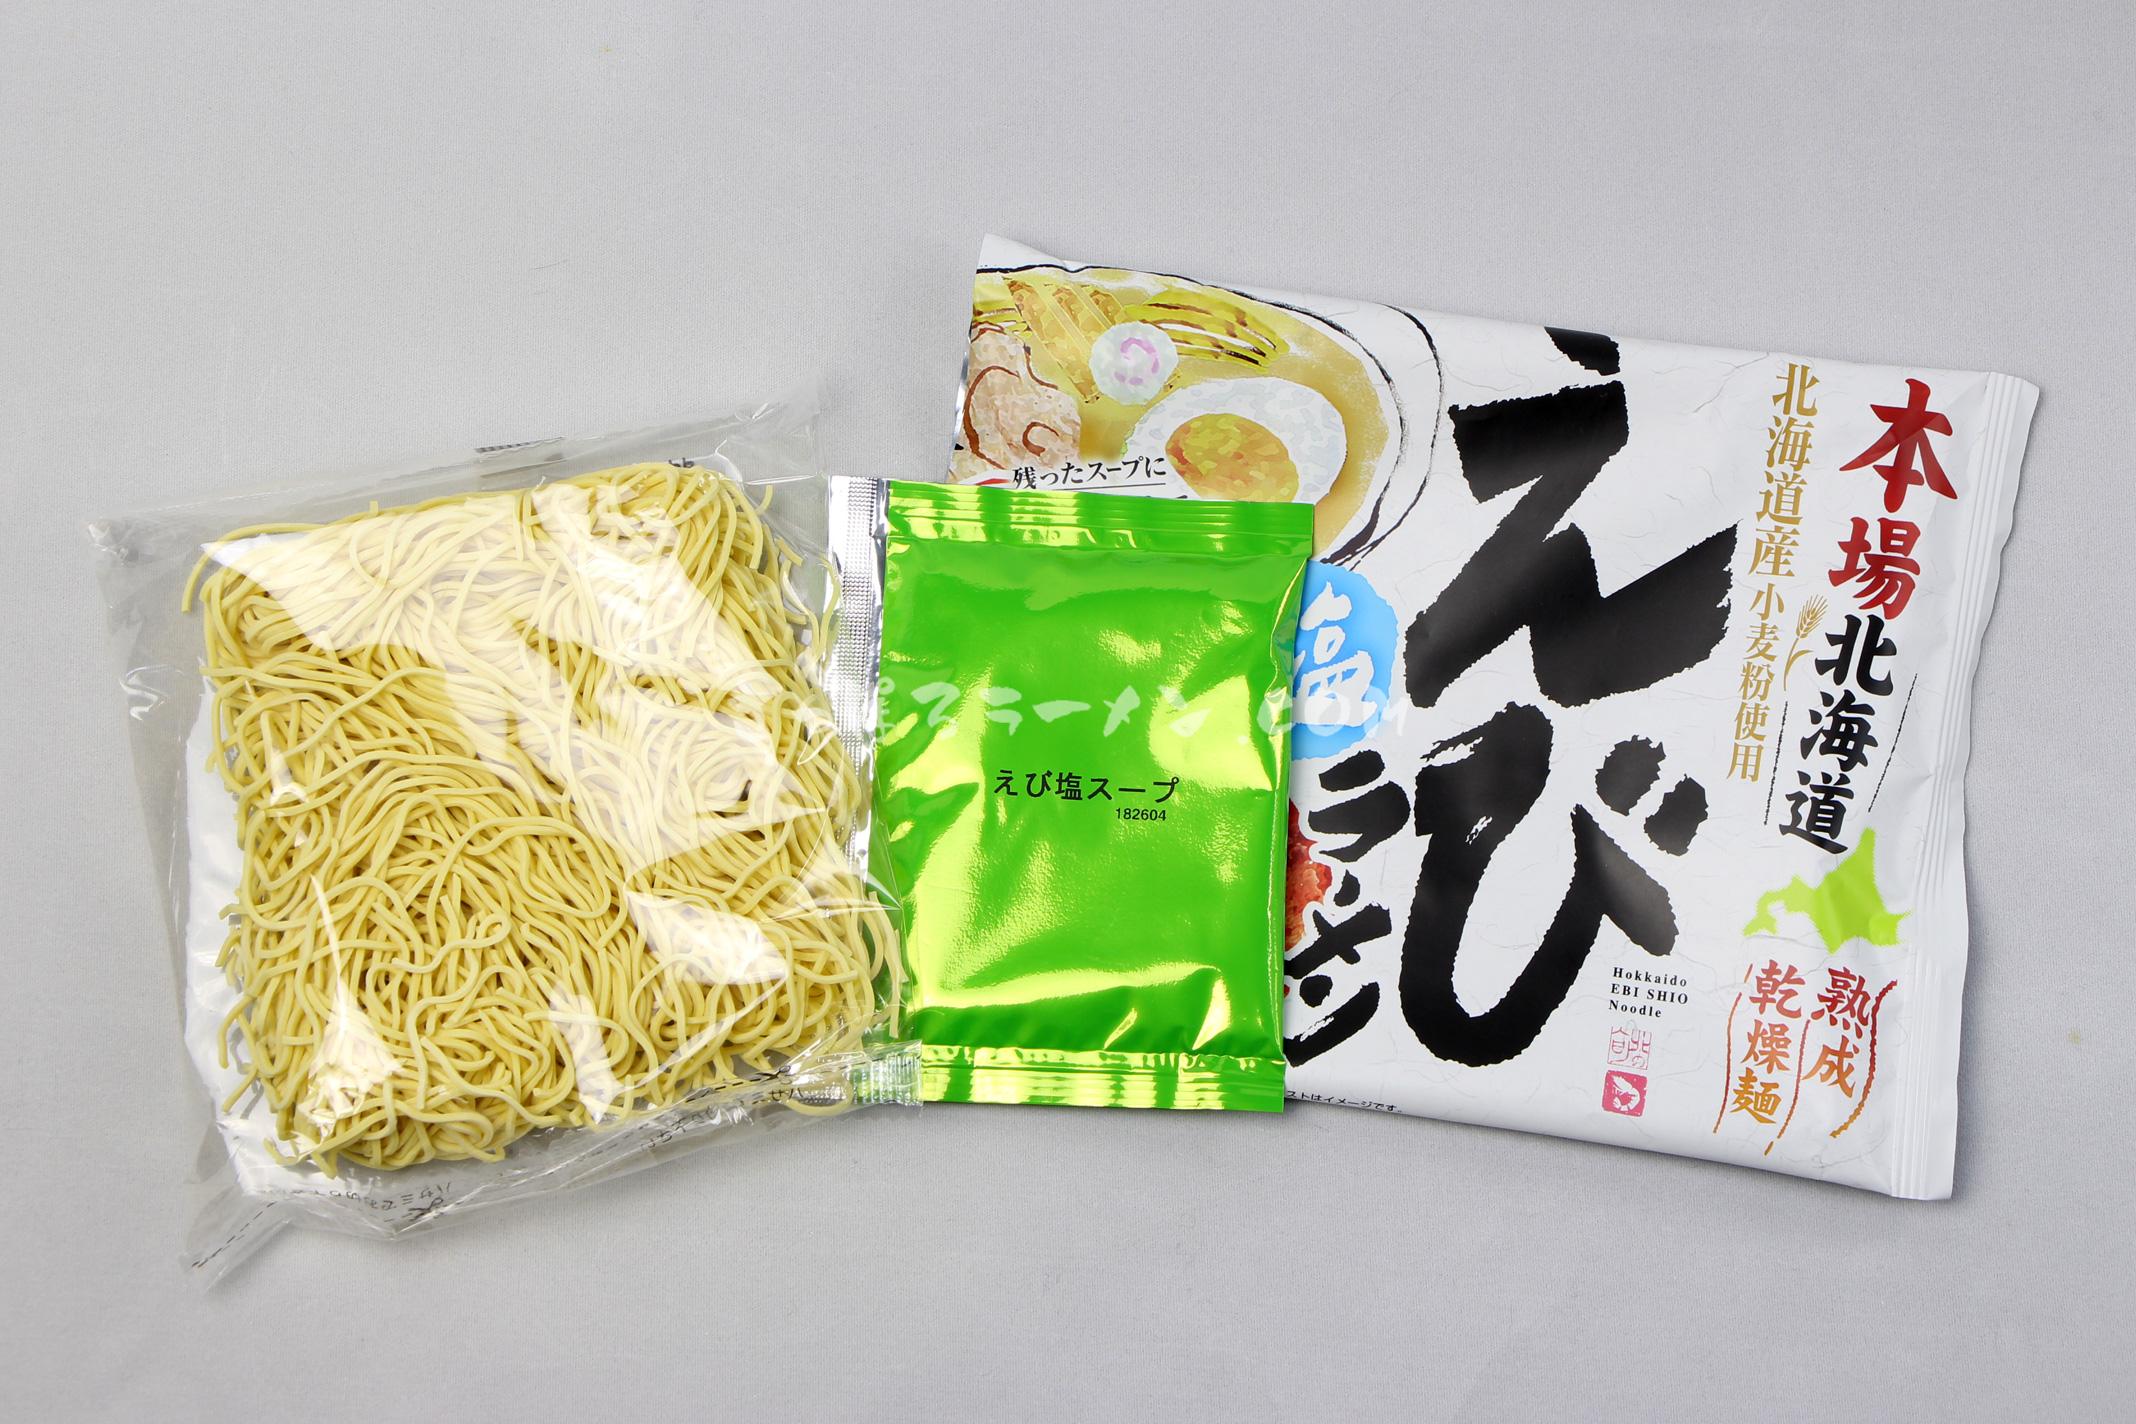 「本場北海道 えびラーメン 塩」(藤原製麺)の麺とスープ